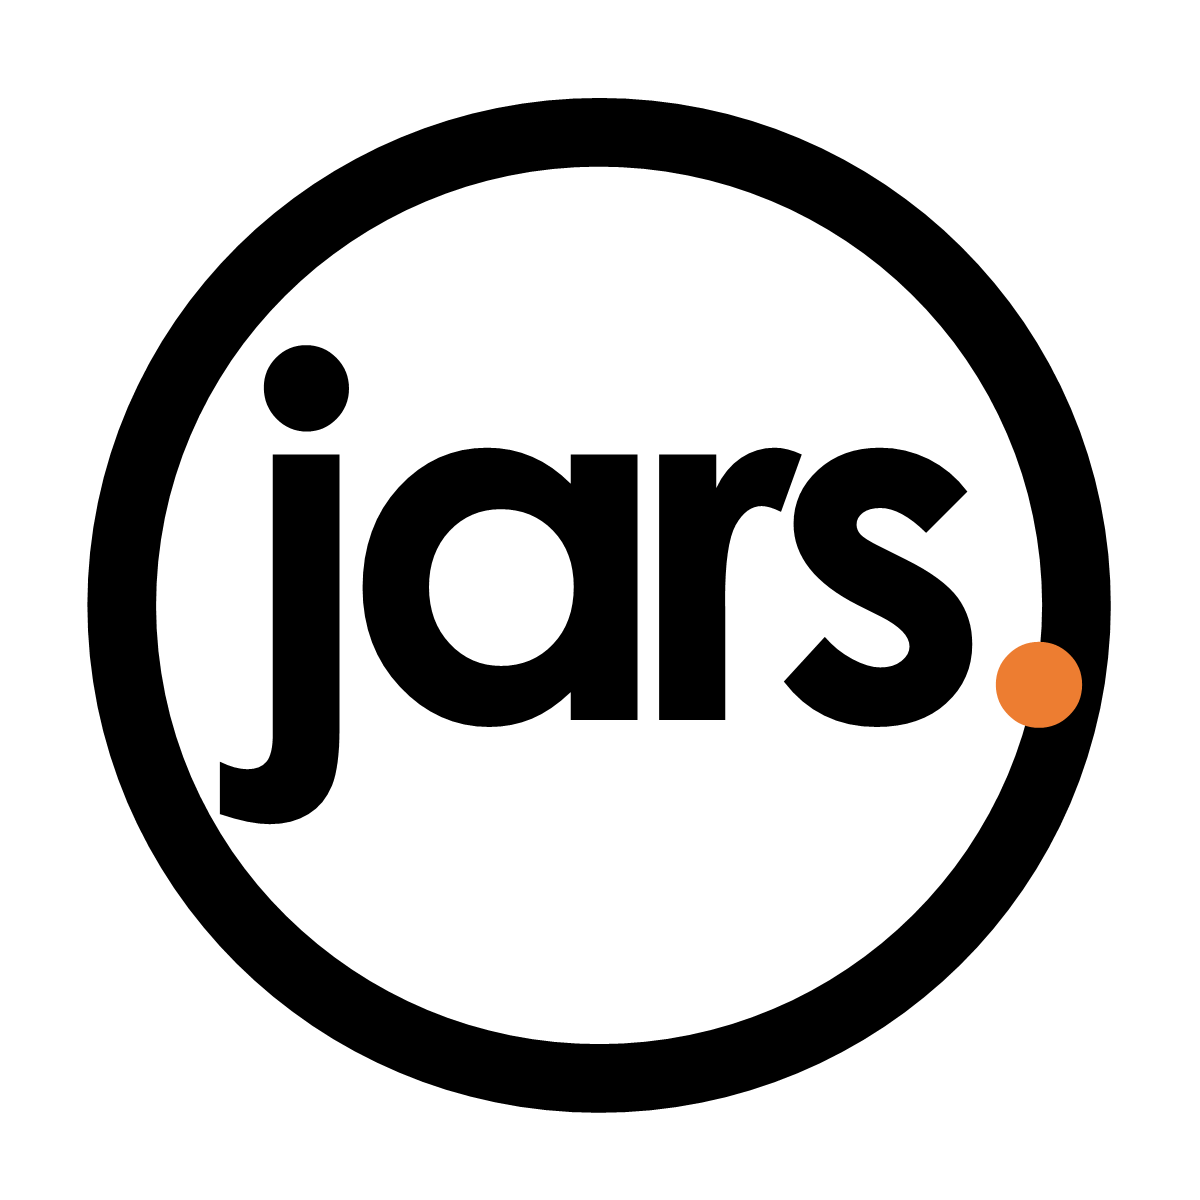 Jars.